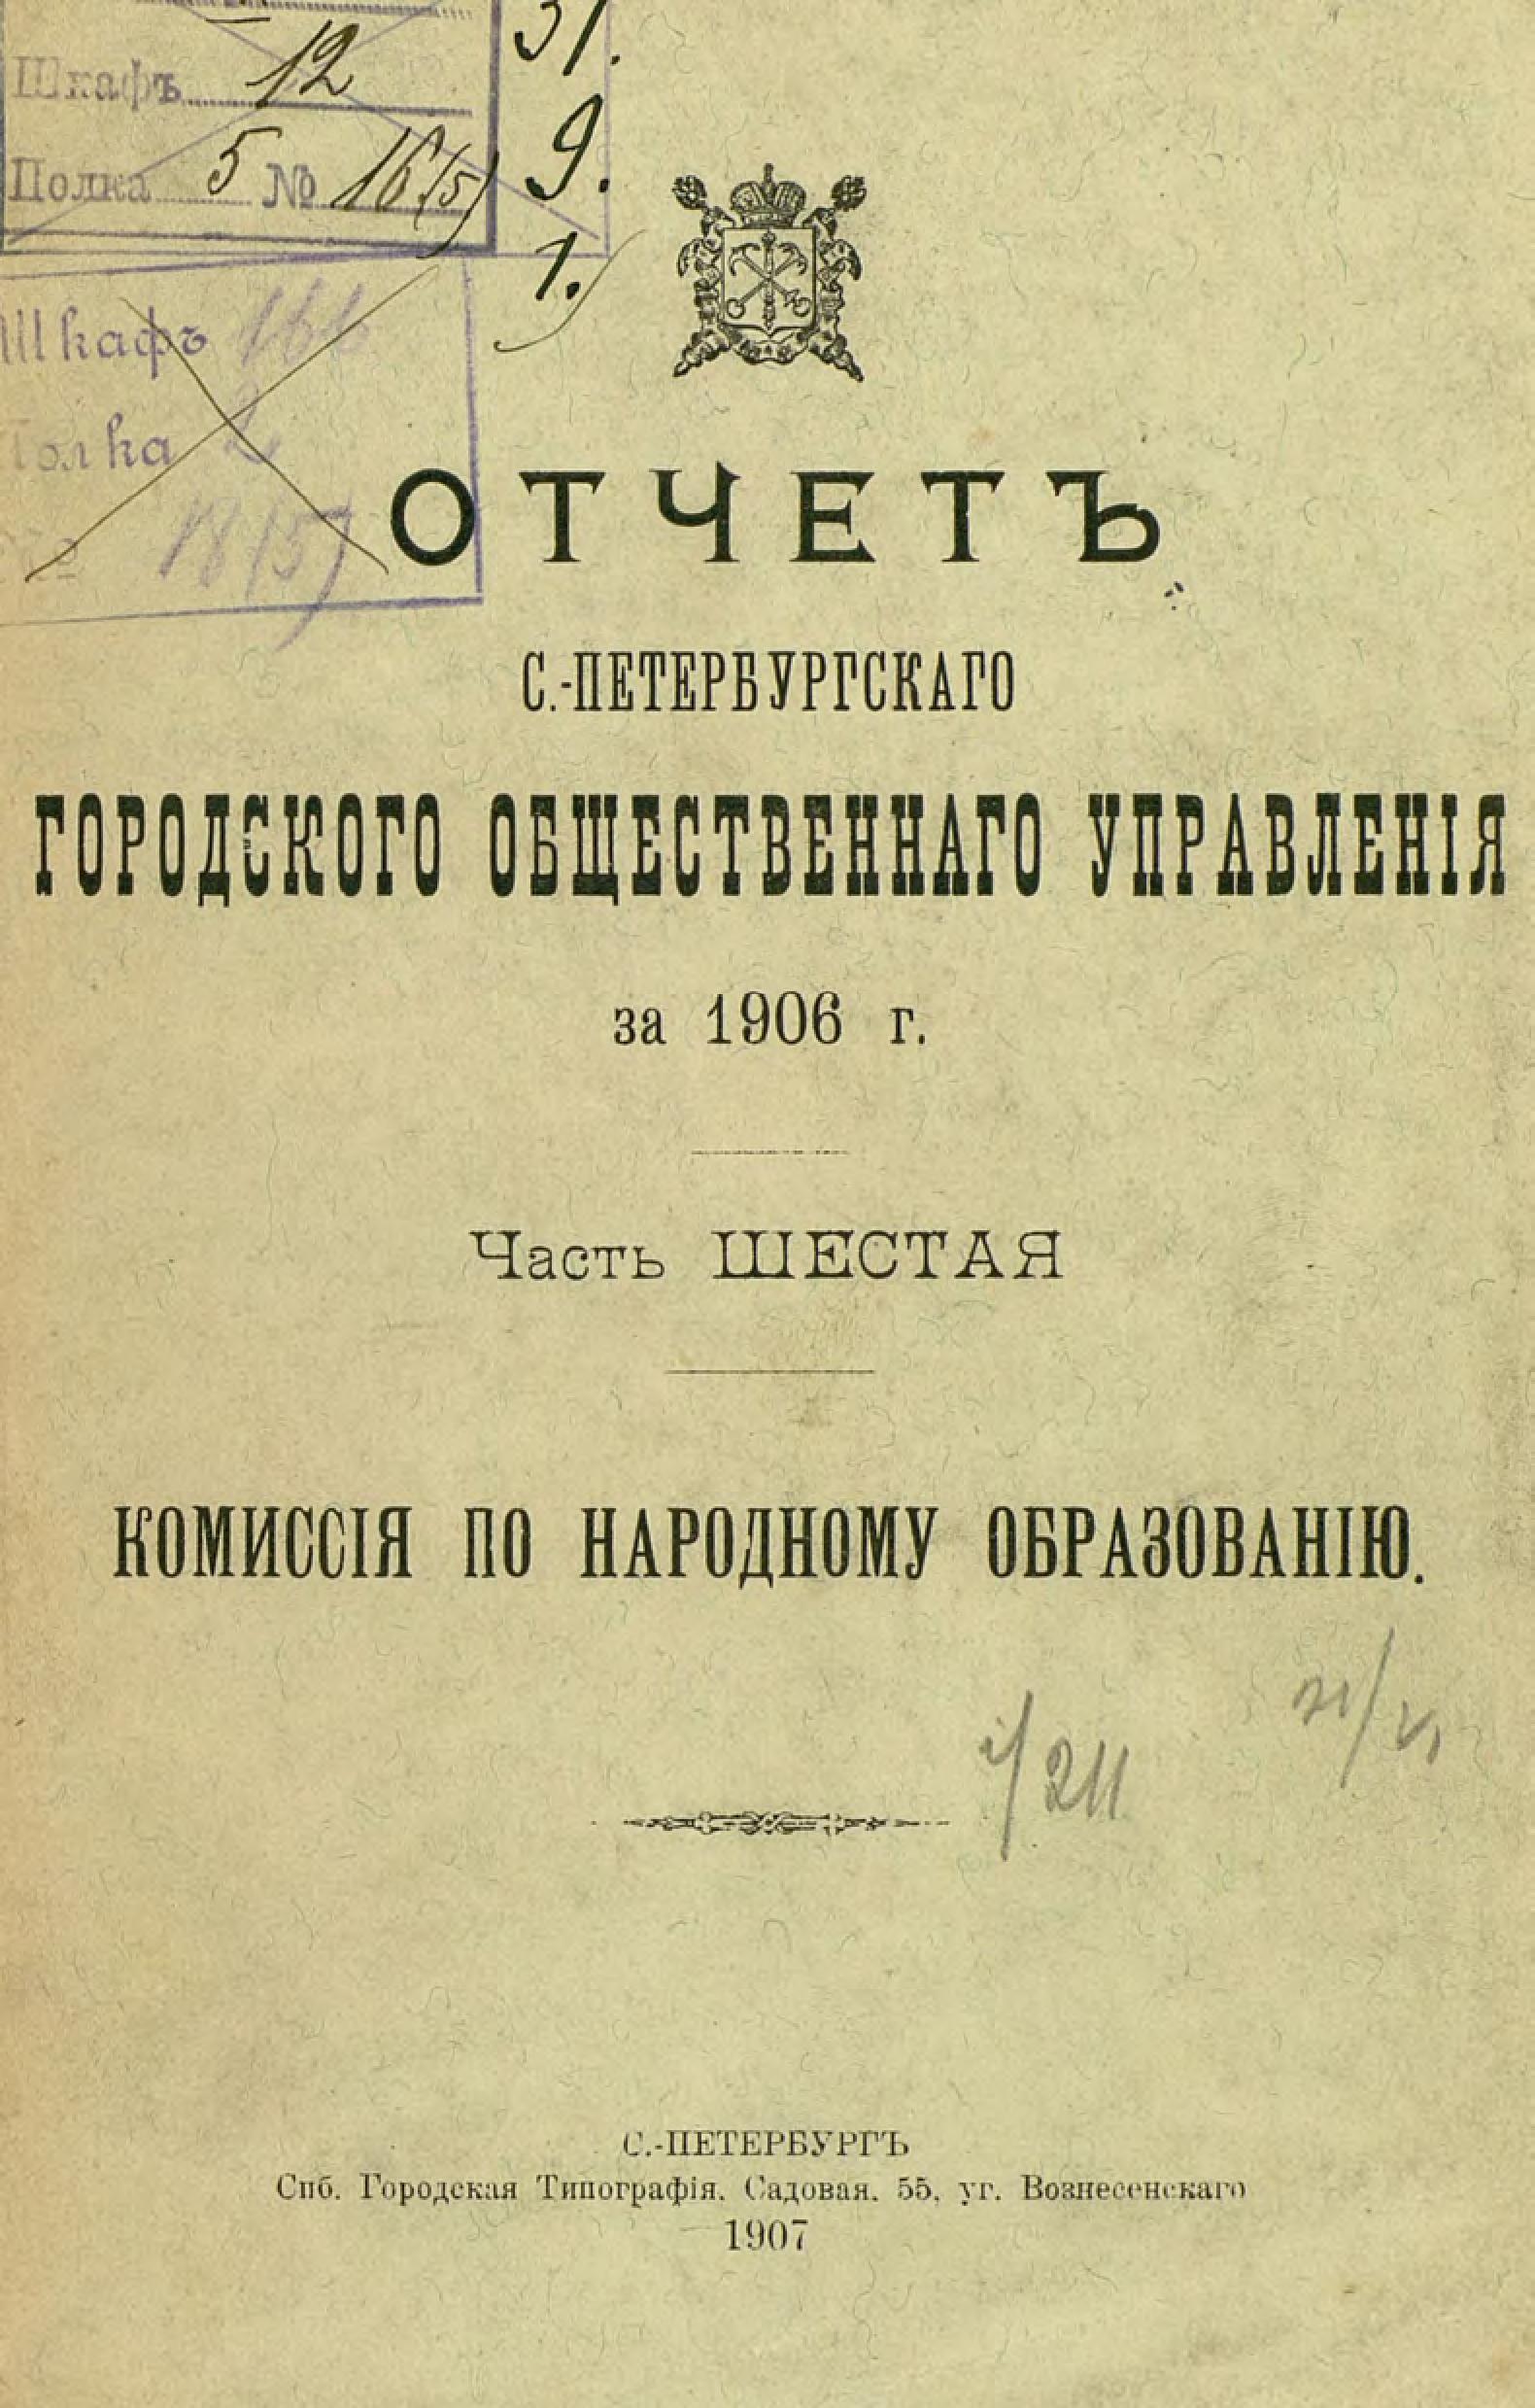 Коллектив авторов Отчет городской управы за 1906 г. Часть 6 коллектив авторов отчет городской управы за 1877 г